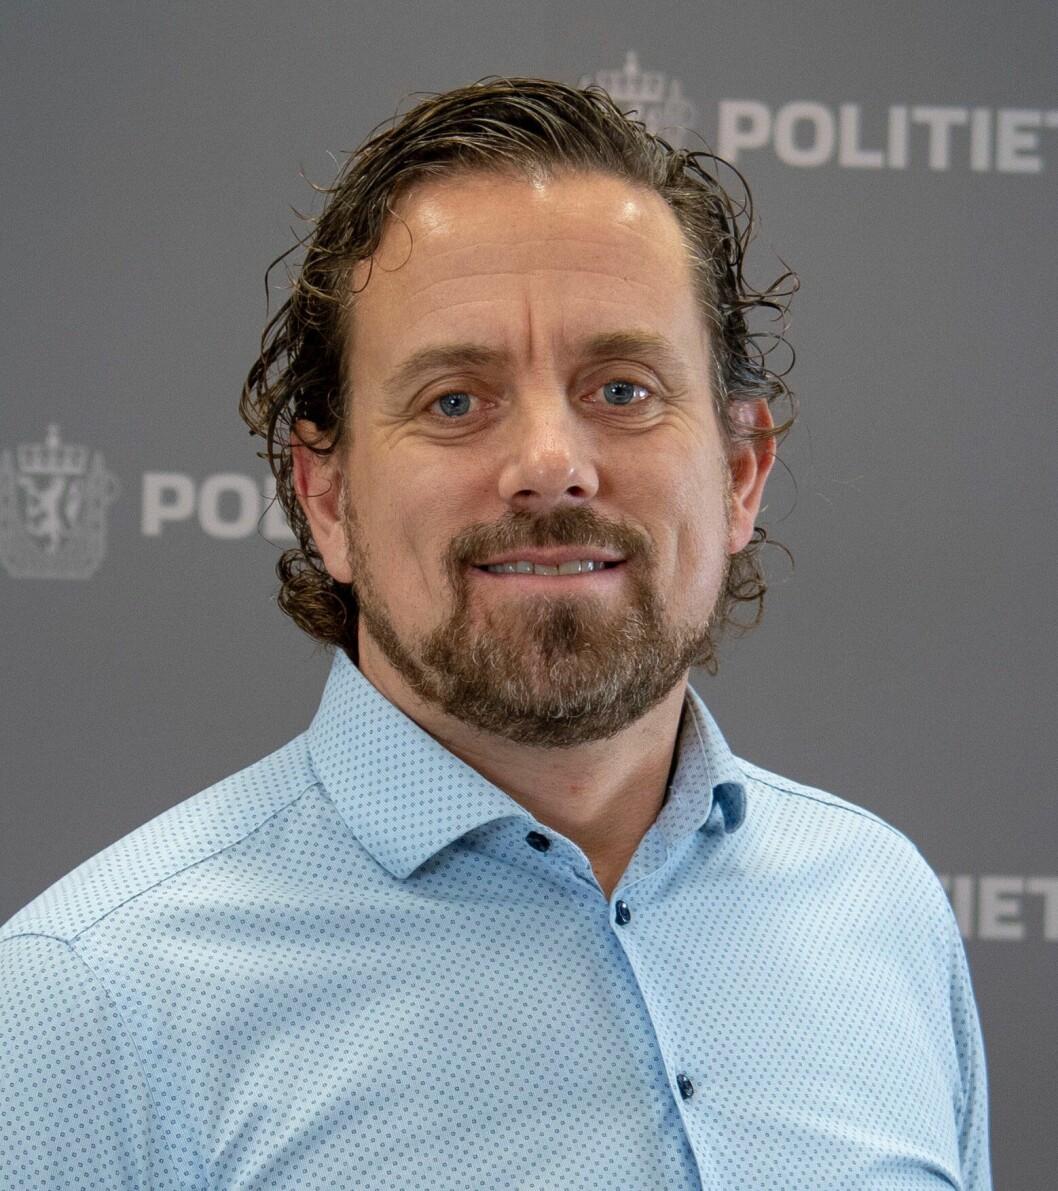 Bjørn Druglimo, hovedverneombud i Sør-Øst politidistrikt.